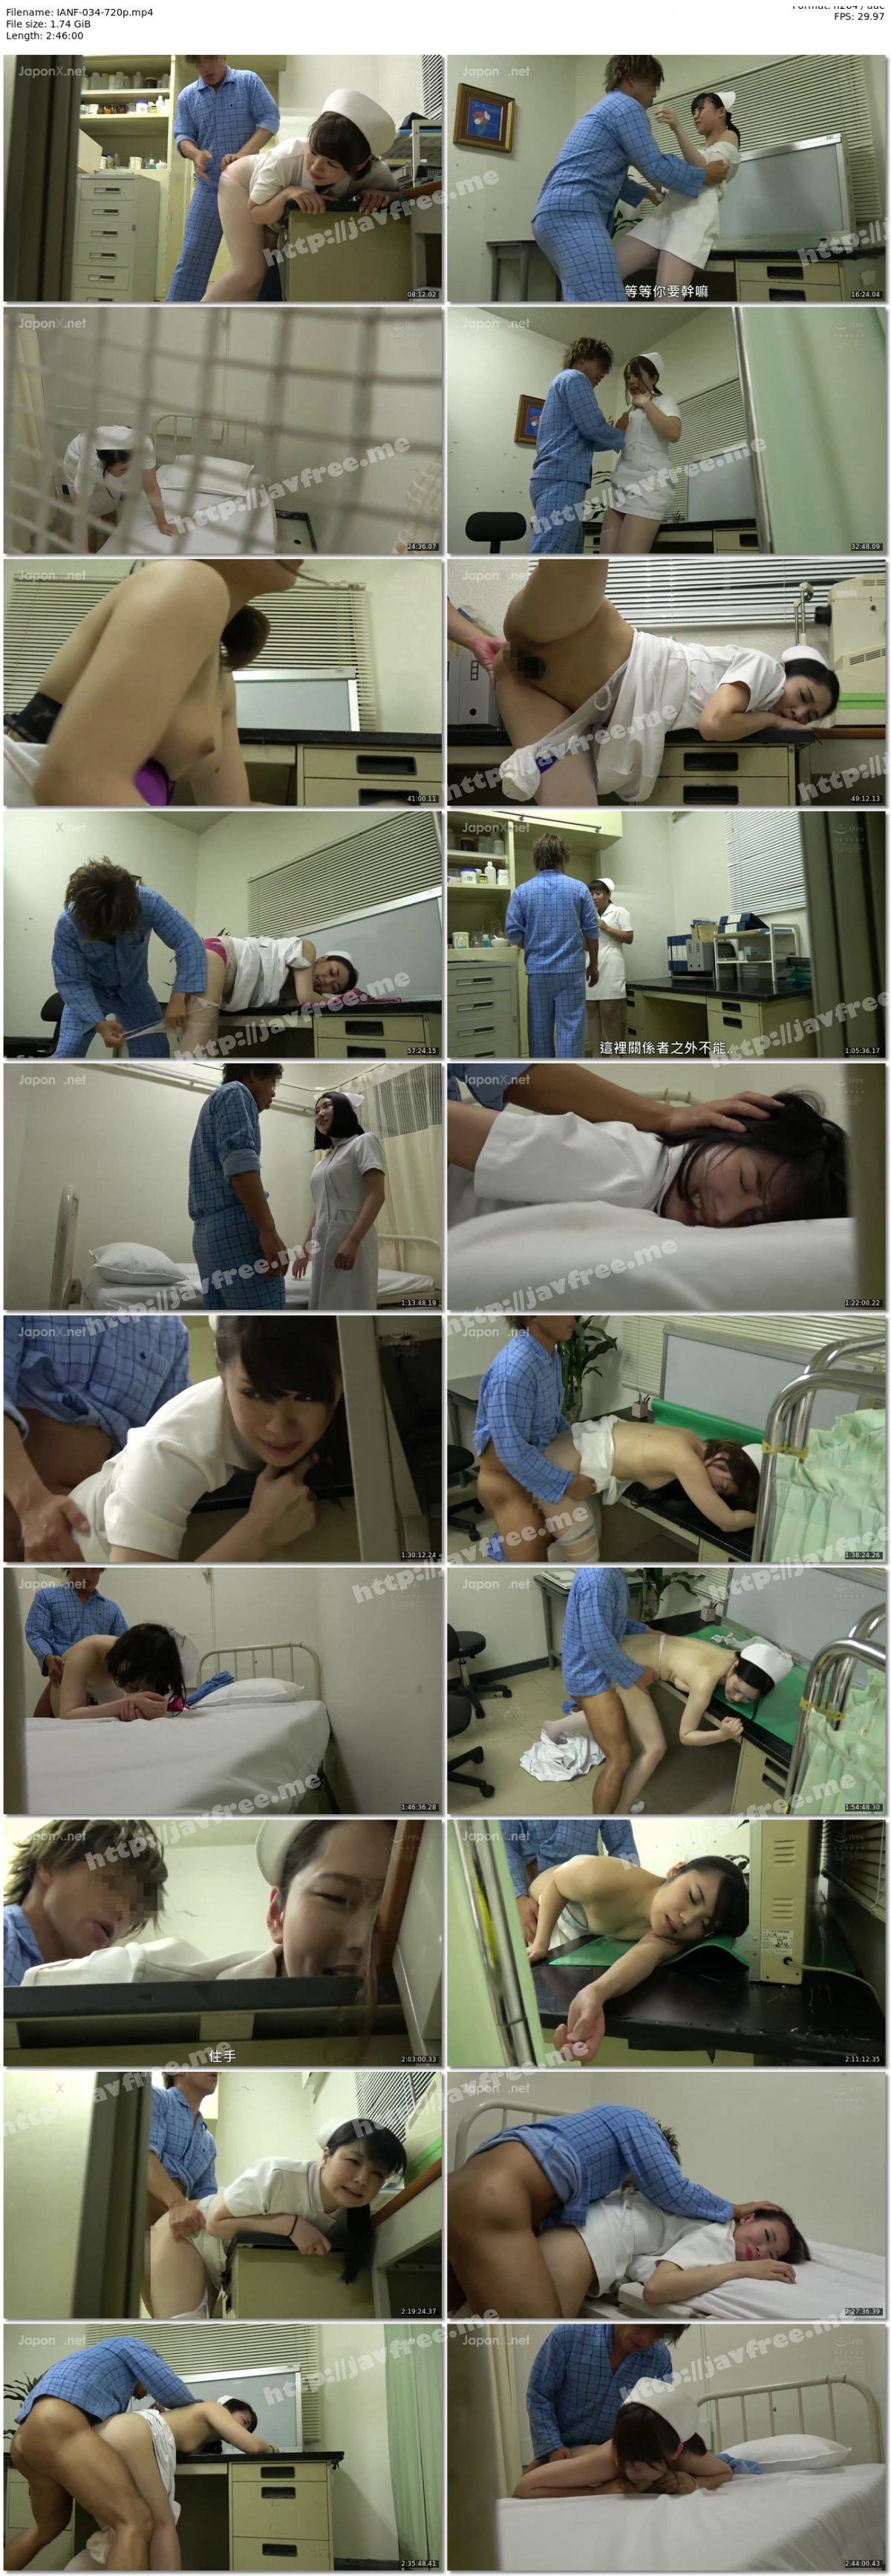 [HD][IANF-034] 狙われた女性看護師たち! モンスター患者によるナース屈服レイプ! - image IANF-034-720p on https://javfree.me